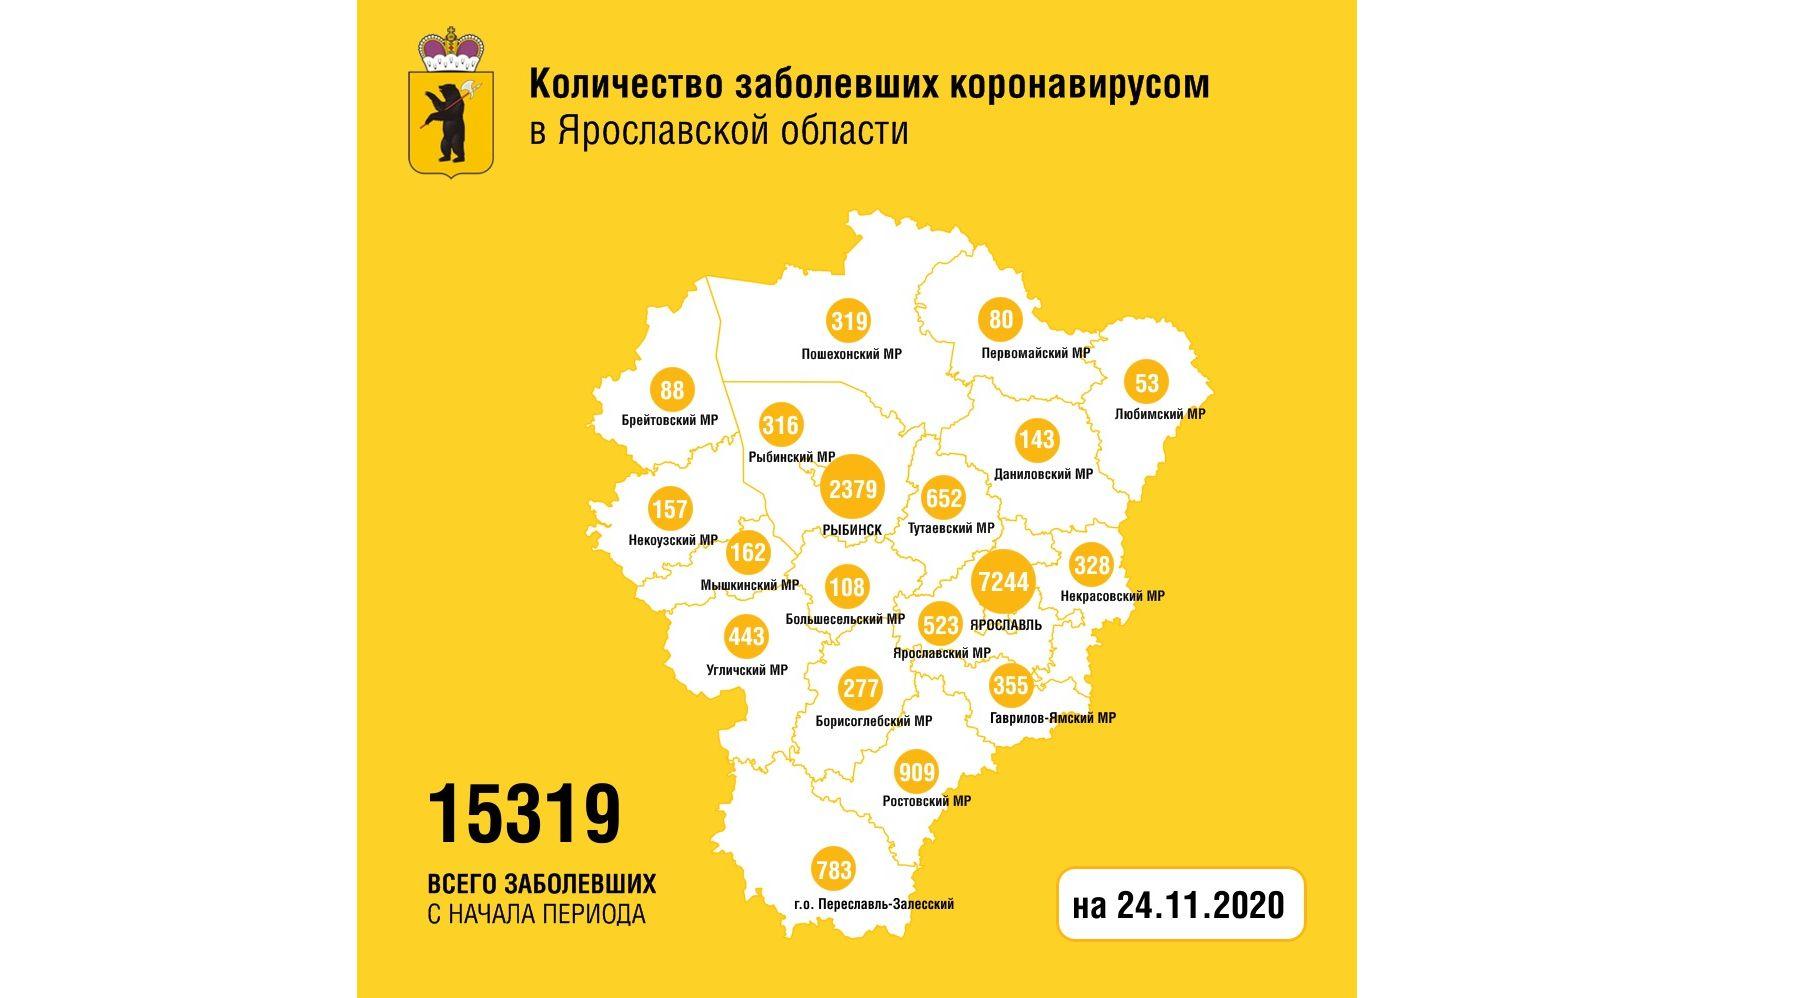 В Ярославской области вылечили от коронавируса еще 162 человек